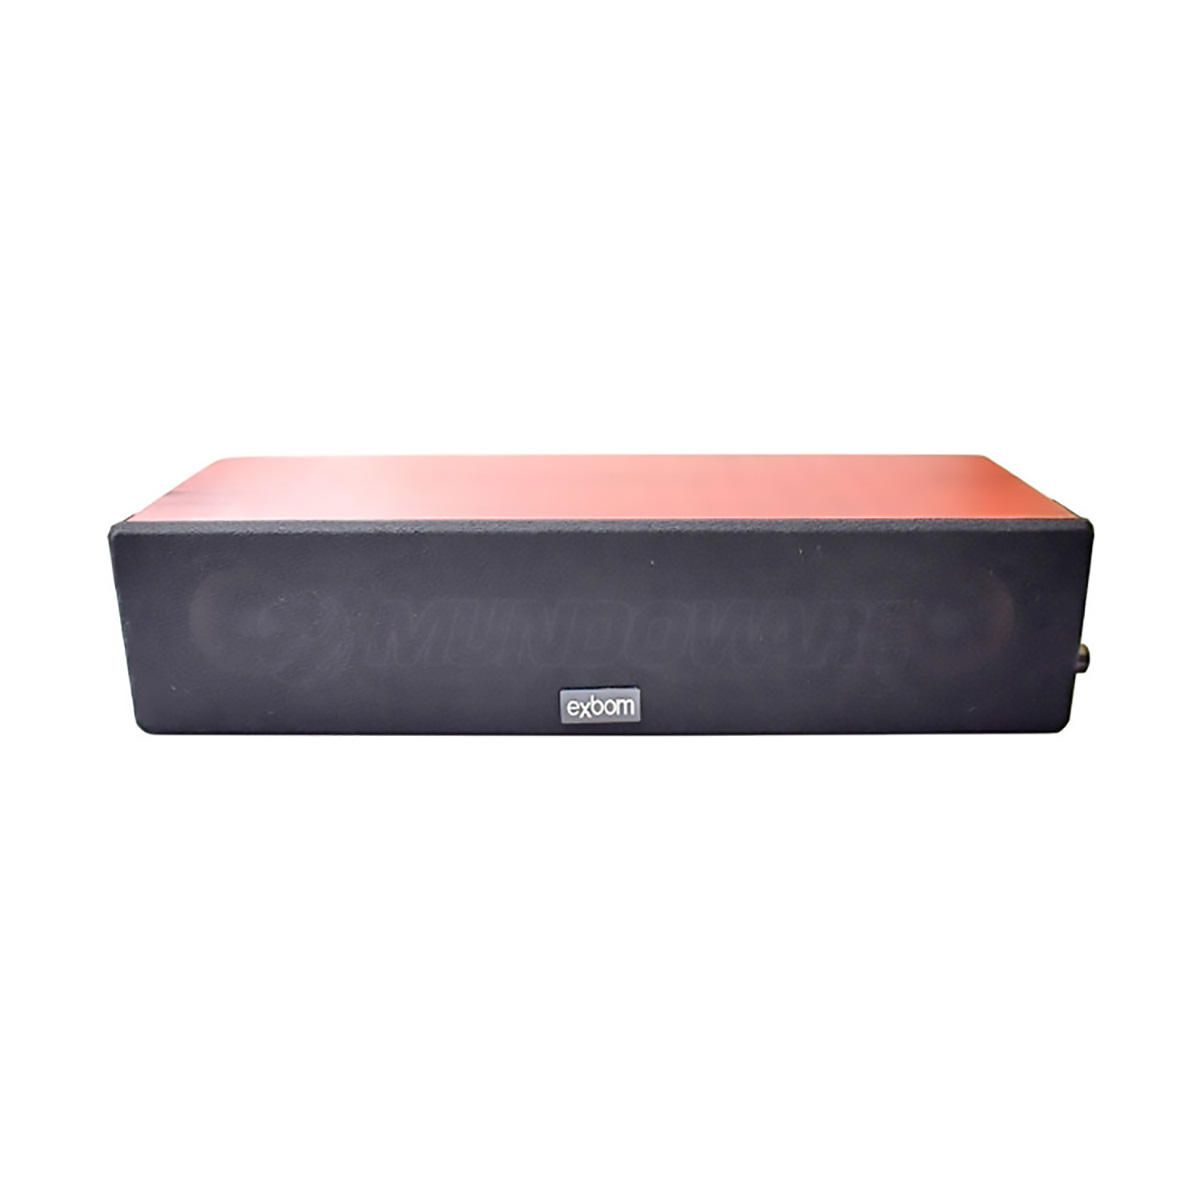 Caixa de Som com Bass em Madeira Marrom 8W Sound Bar para TV e Computador Exbom CS-200